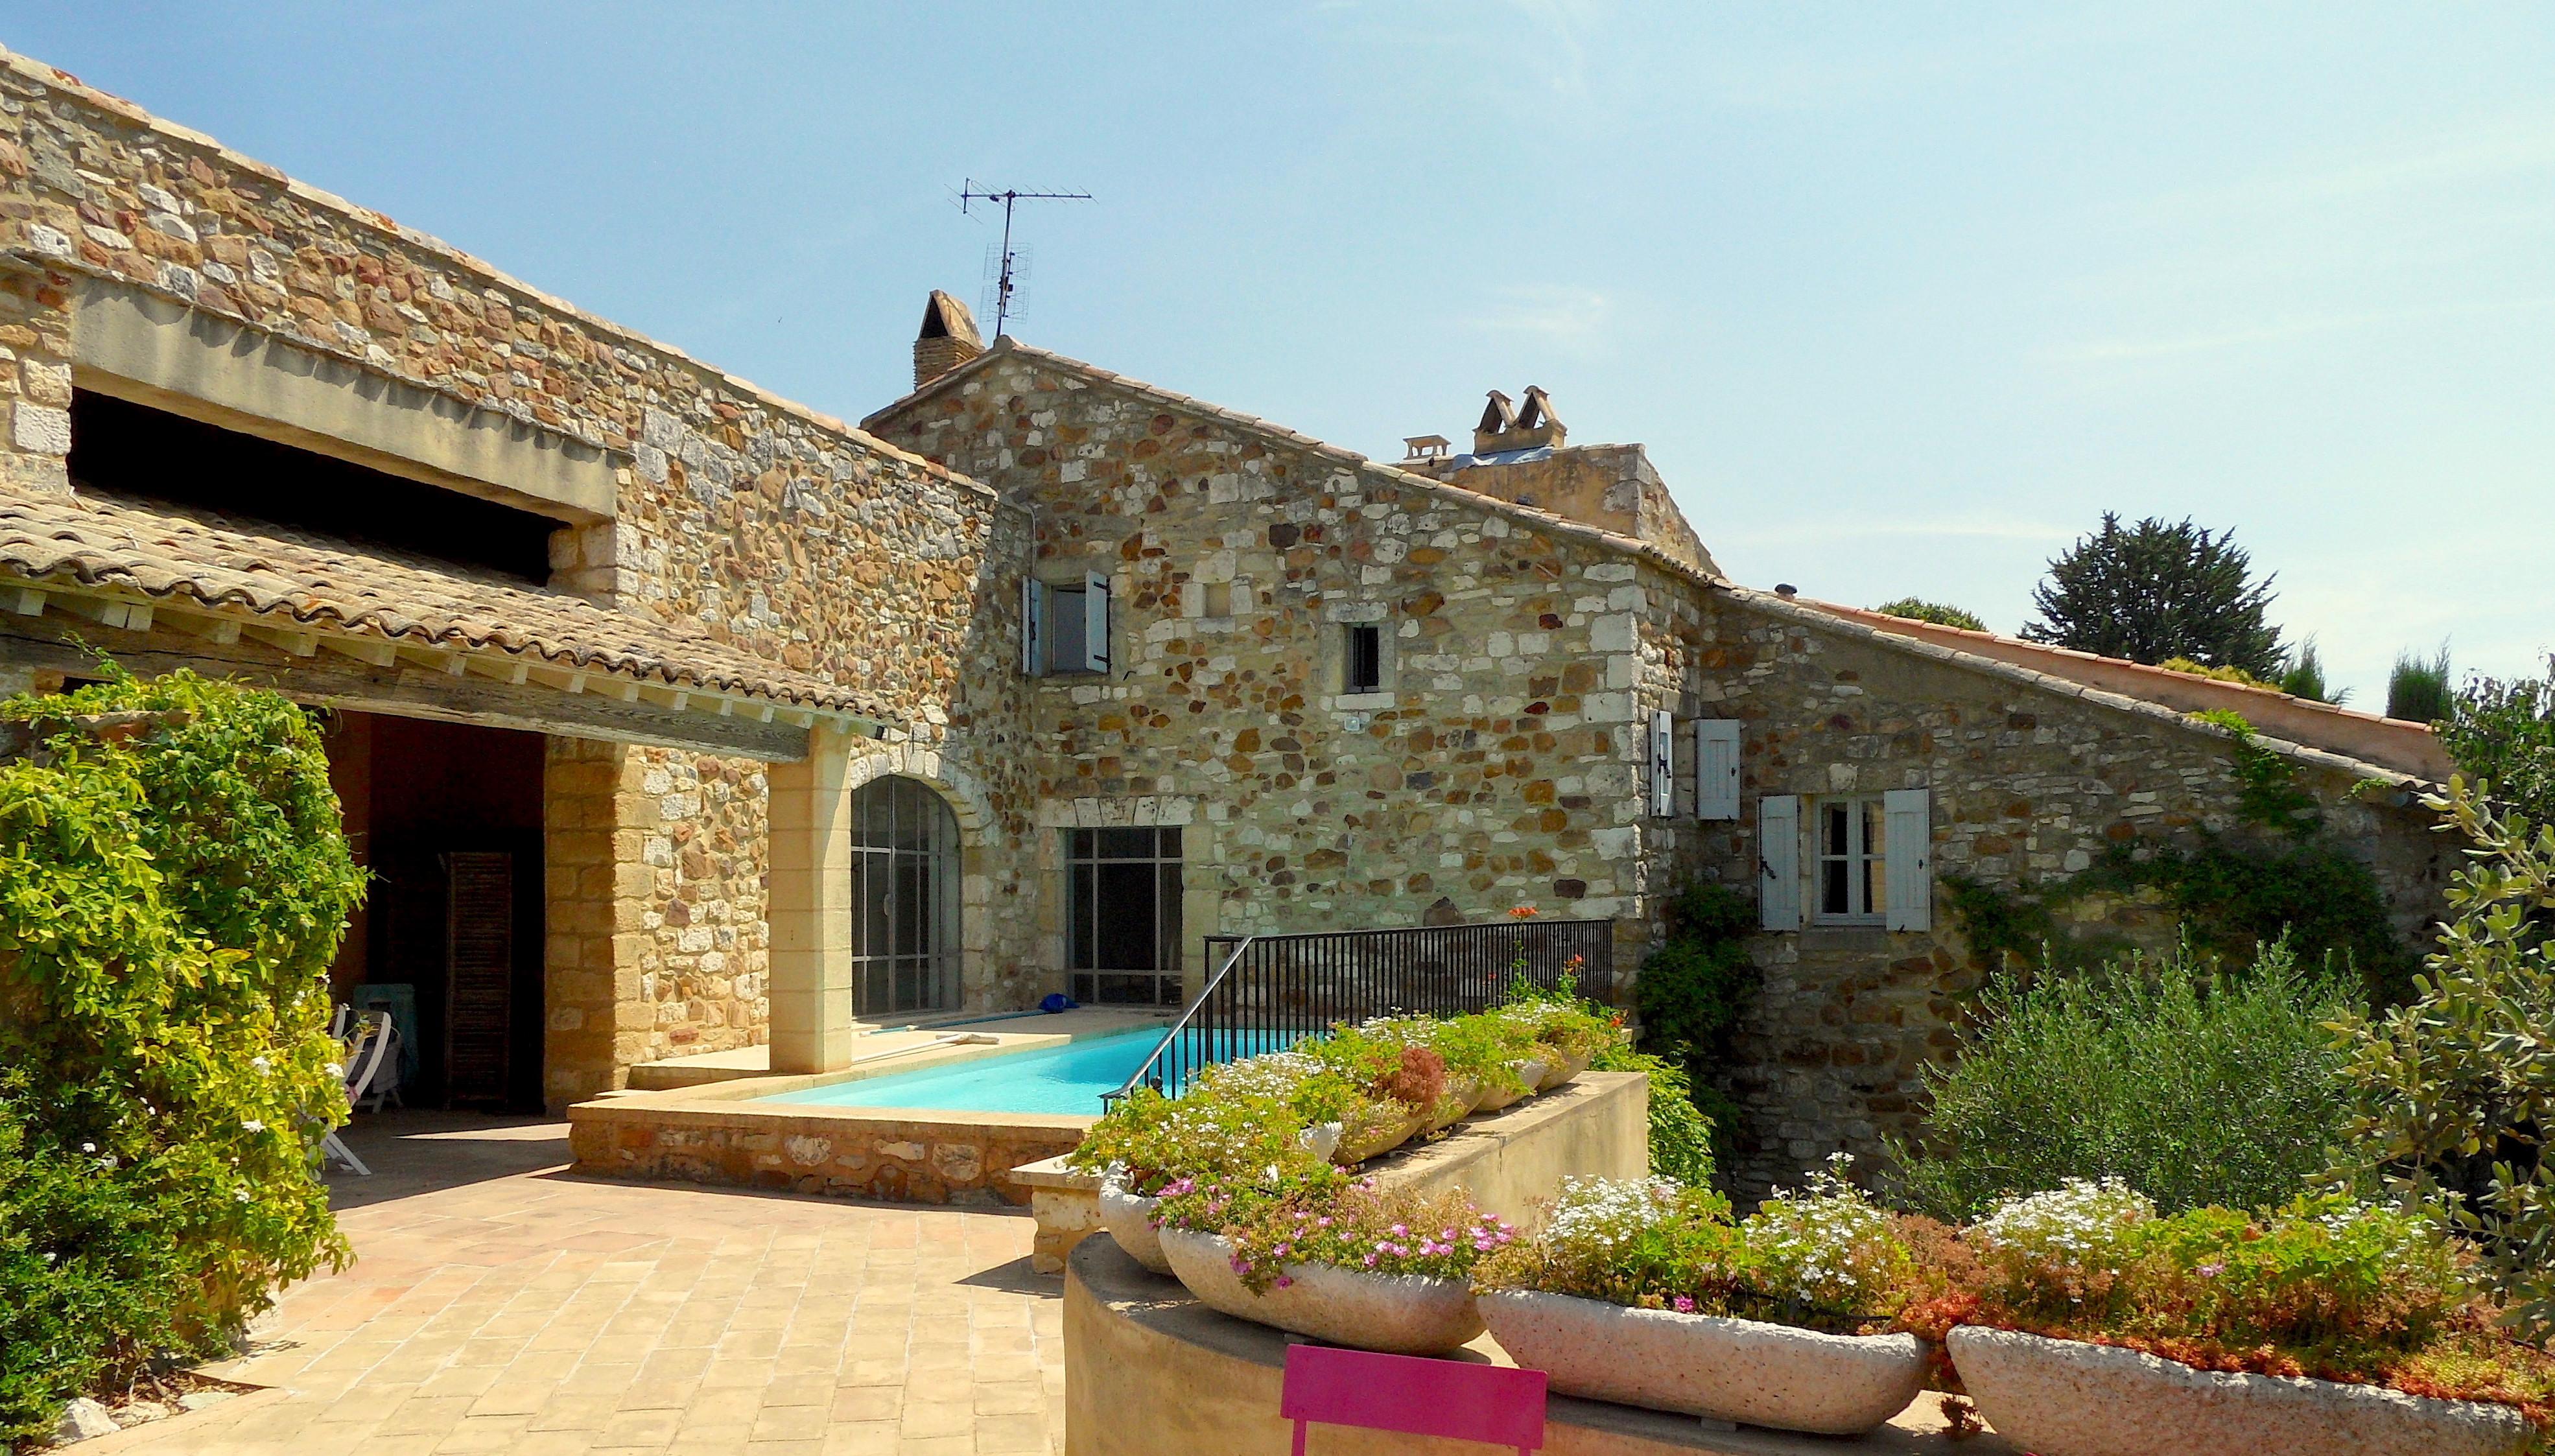 2168 : Uzès à 10 minutes, propriété et village de charme, 315m² SH, terrasses, jardin, piscine, luminosité…